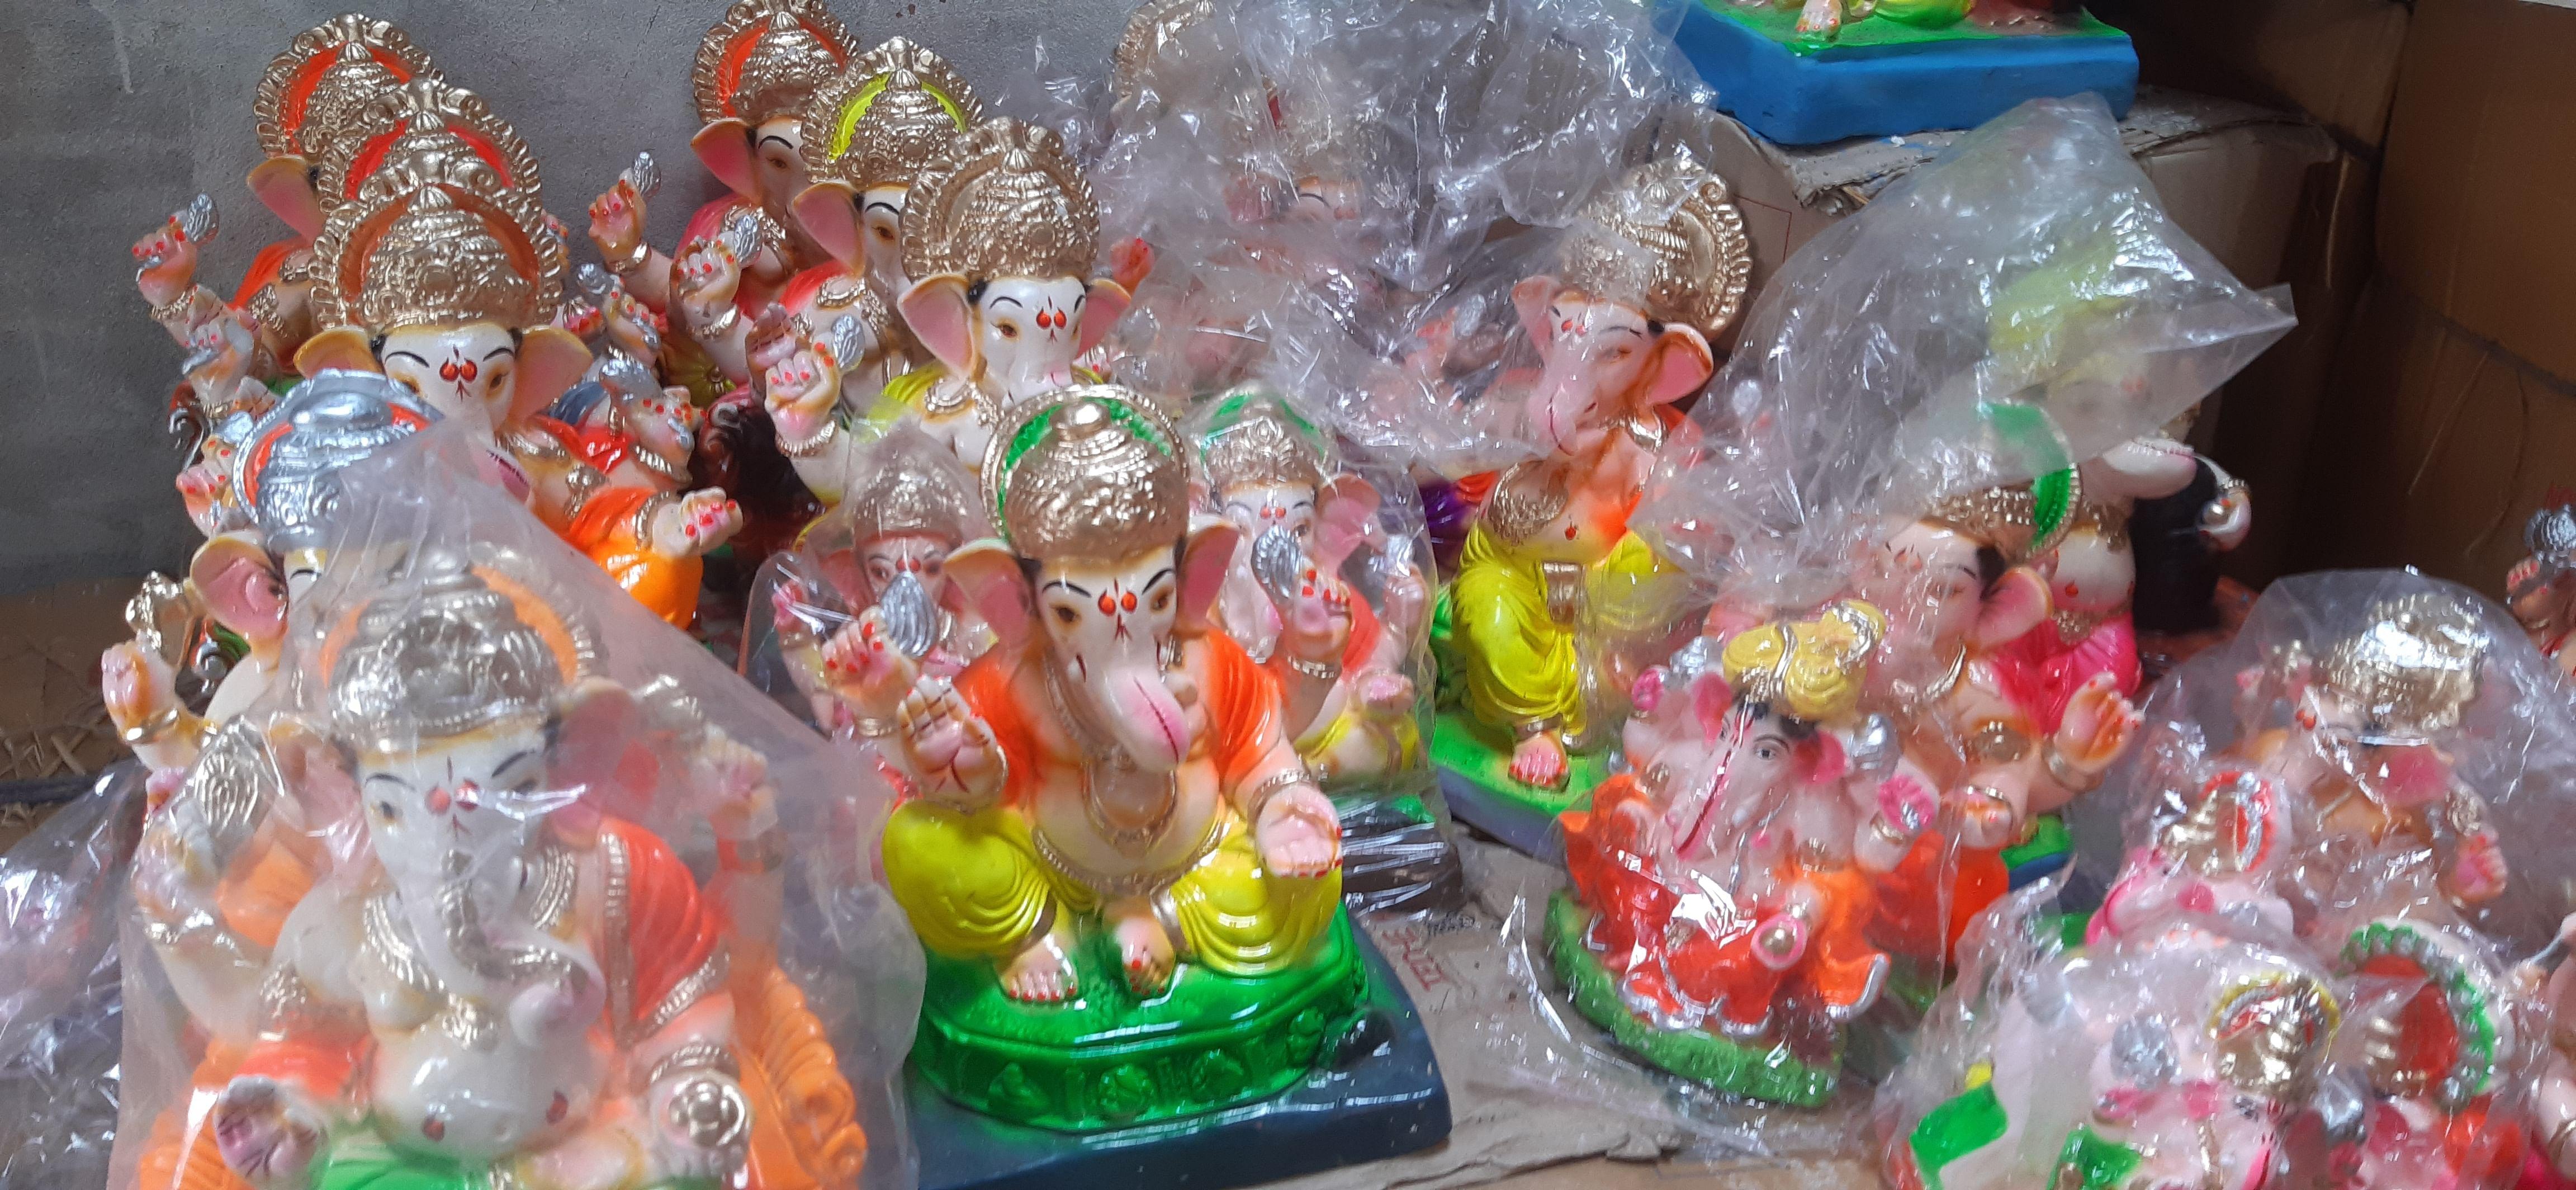 बाजार में दुकान पर रखी भगवान श्रीगणेश की मूर्तियां